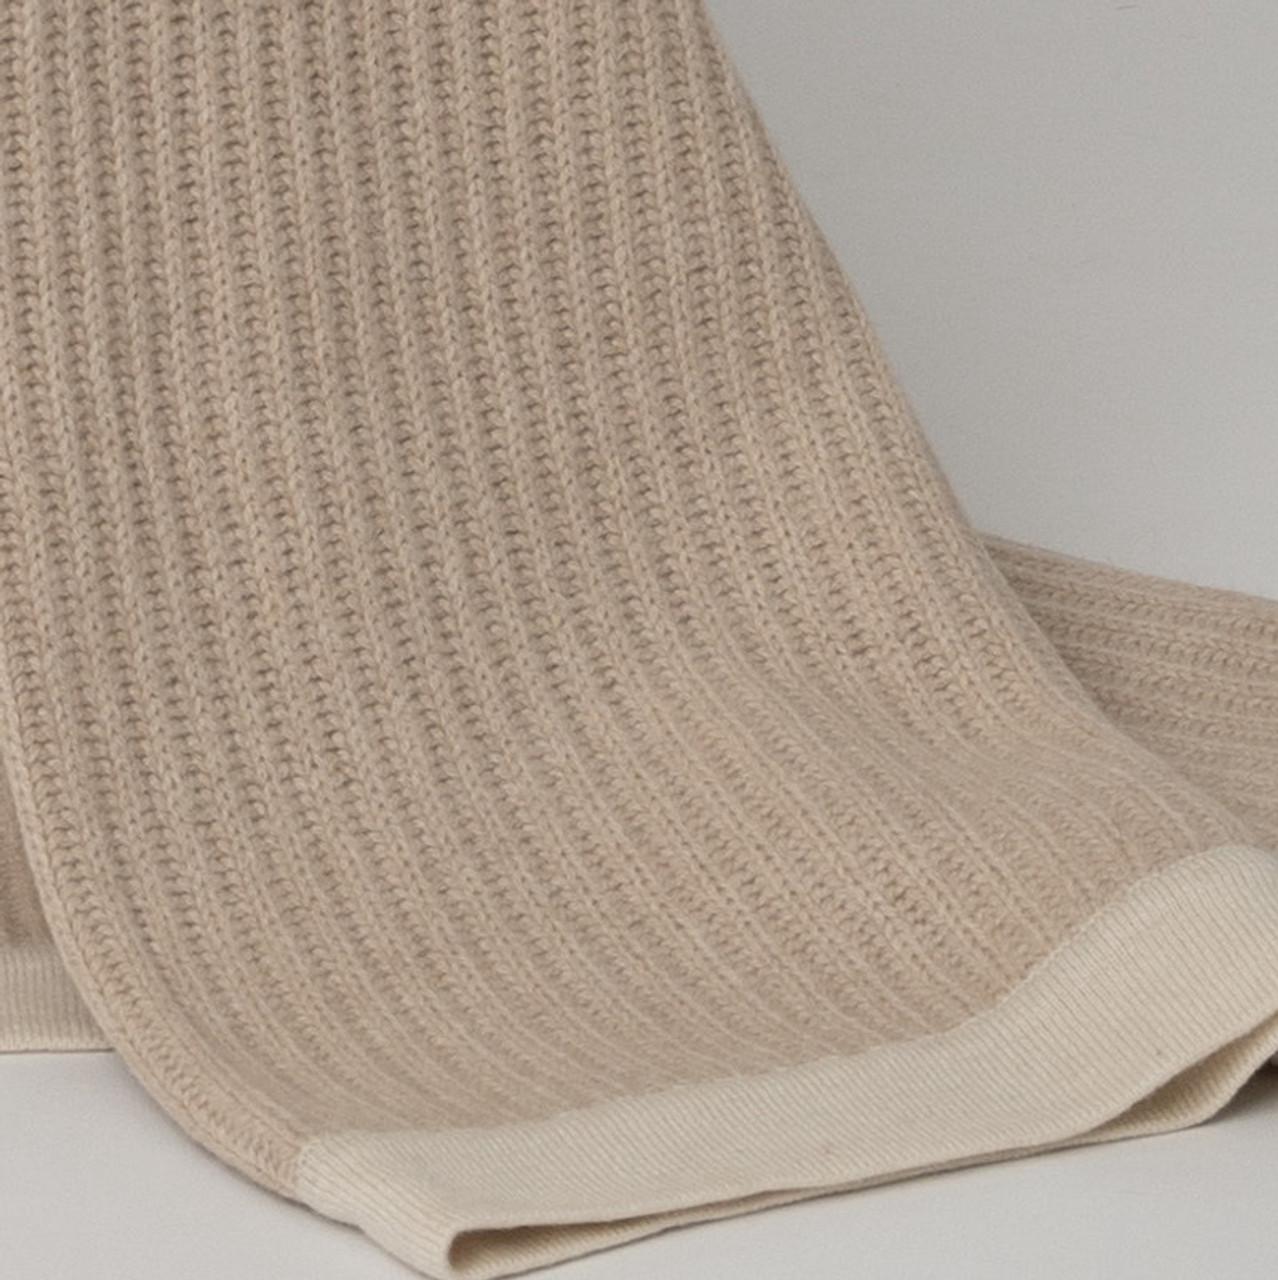 Beige & Cream Fisherman's Knit Cashmere Throw